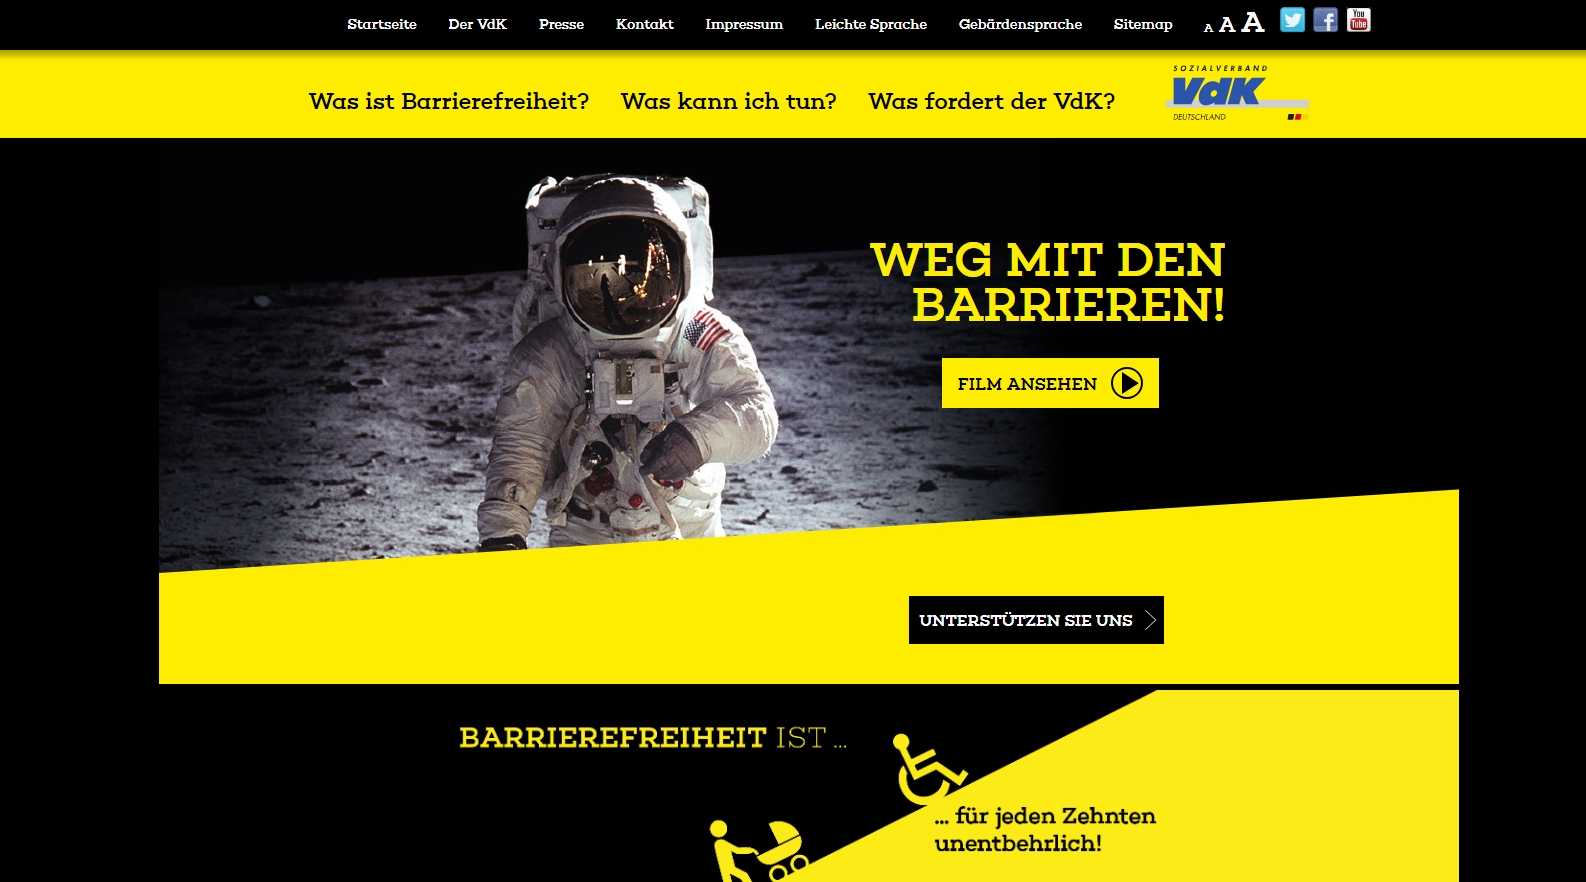 mehr > unter weg-mit-den-barrieren.de